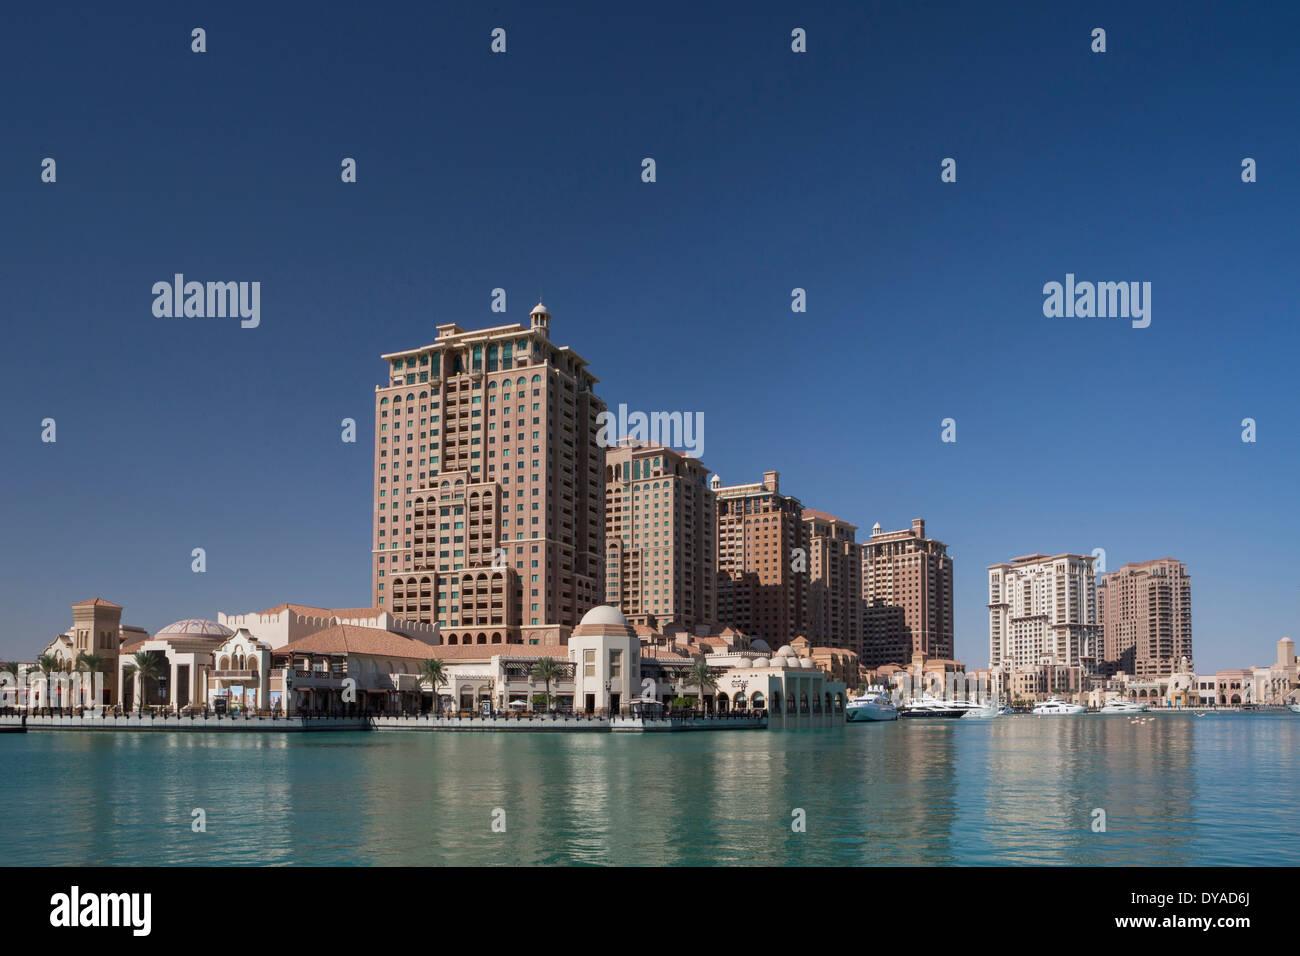 Doha, au Qatar, au Moyen-Orient, la perle, l'architecture, baie, la ville, la construction, la nouvelle, la Photo Stock